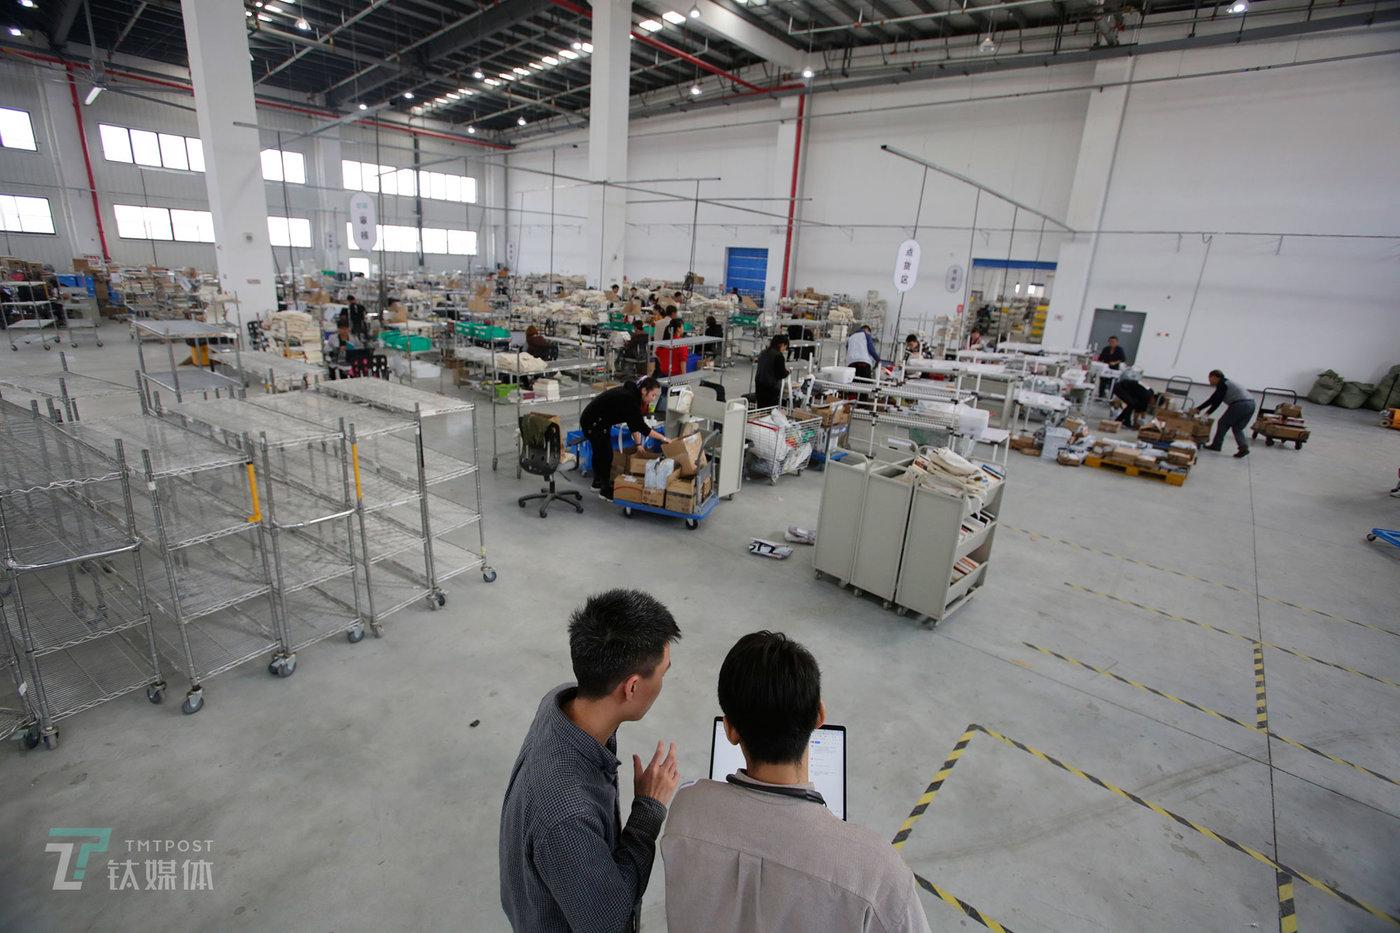 2018年10月17日,天津市武清区多抓鱼翻新工厂,两名工作人员在探讨流程的优化问题。这家占地七千多平米的工厂,就是二手书翻新的核心地带。